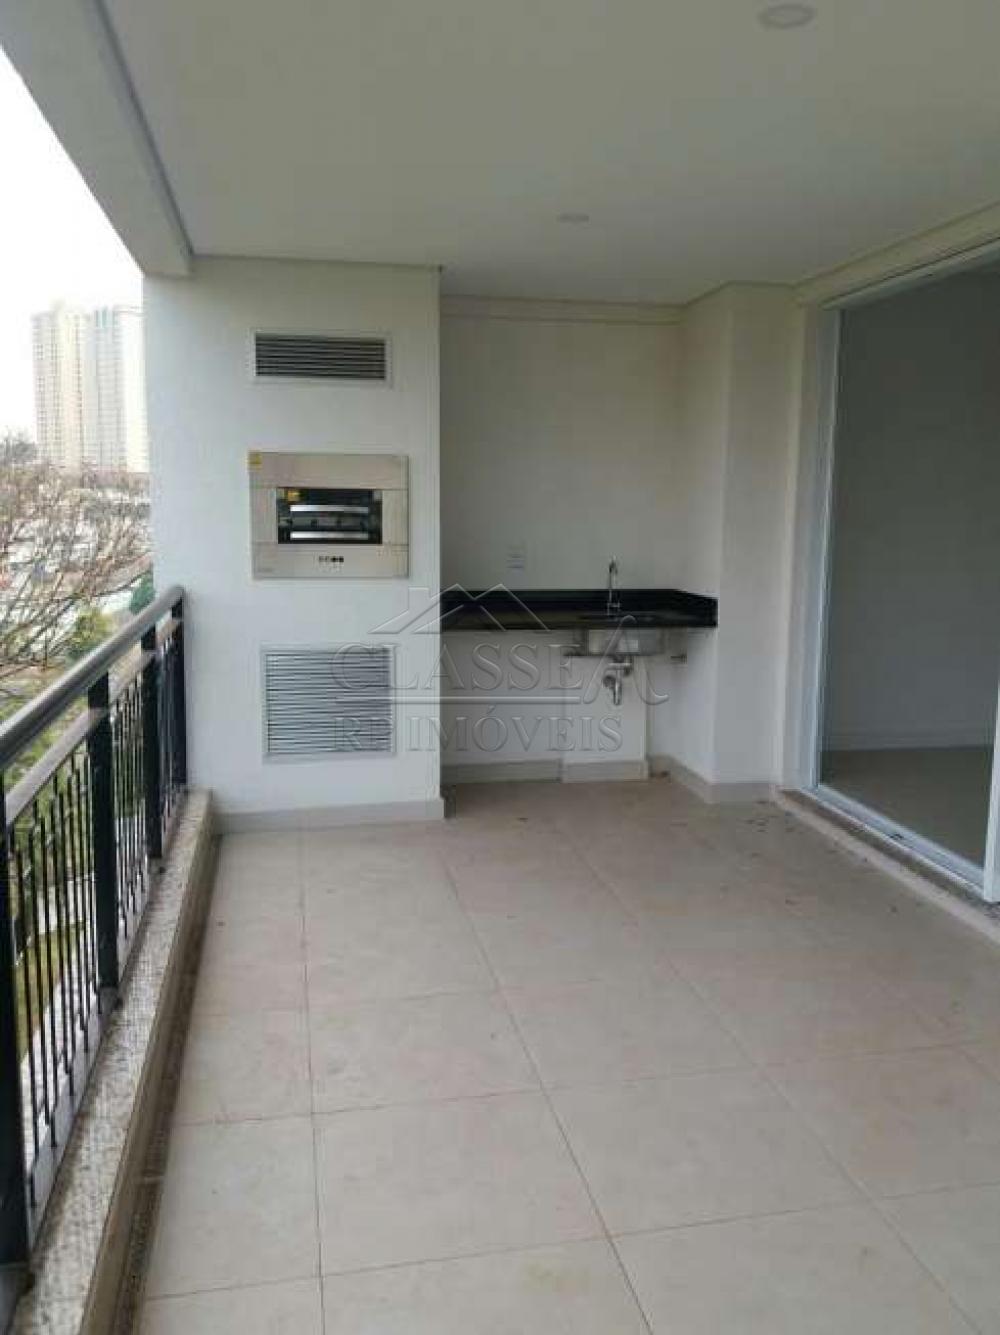 Ribeirao Preto Apartamento Venda R$635.000,00 Condominio R$700,00 3 Dormitorios 3 Suites Area construida 133.00m2